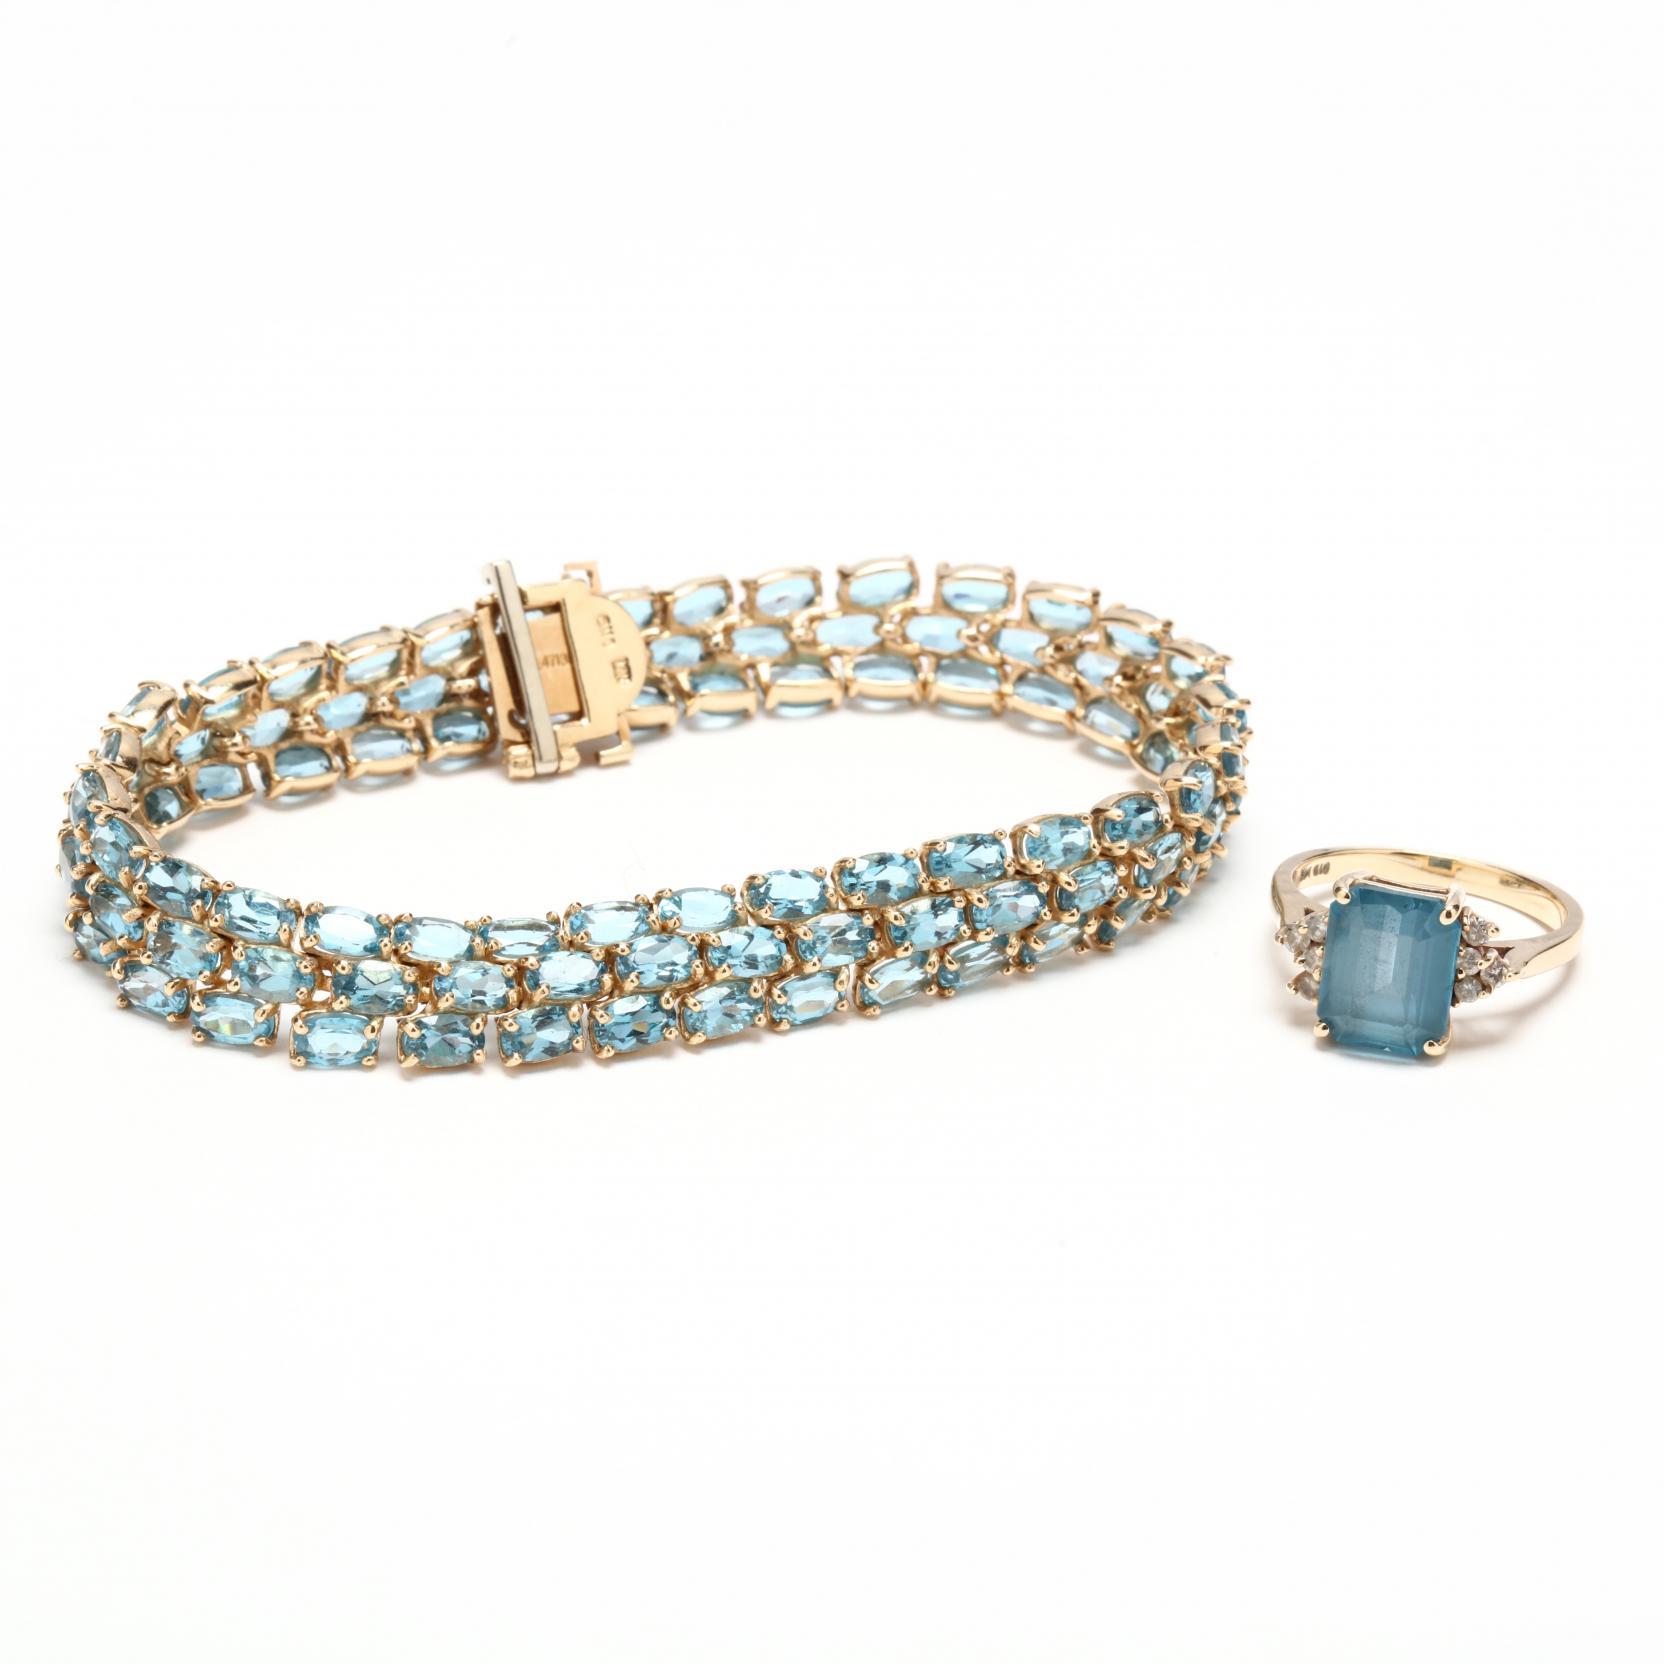 14kt-blue-topaz-bracelet-with-a-14kt-topaz-and-diamond-ring